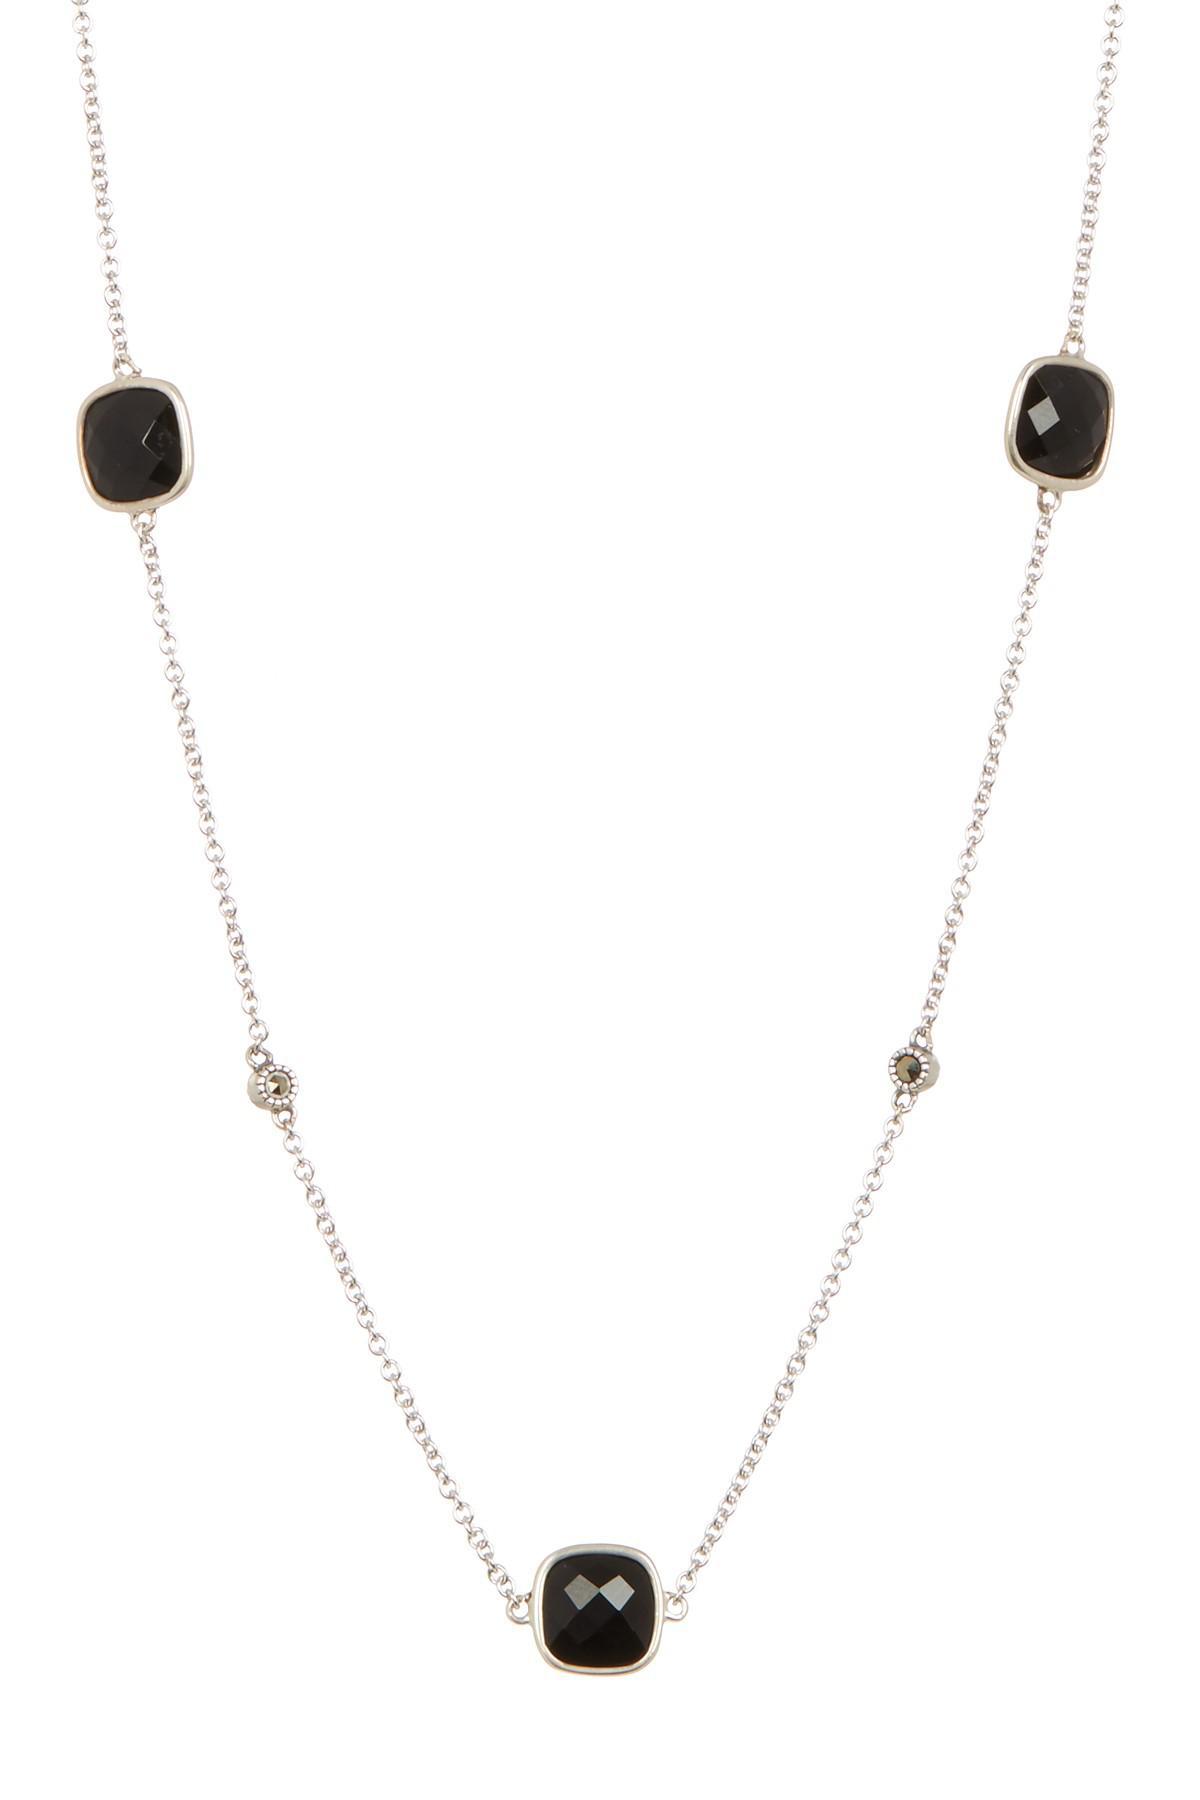 de61fa703 Judith Jack Sterling Silver Black Agate & Swarovski Embellished ...